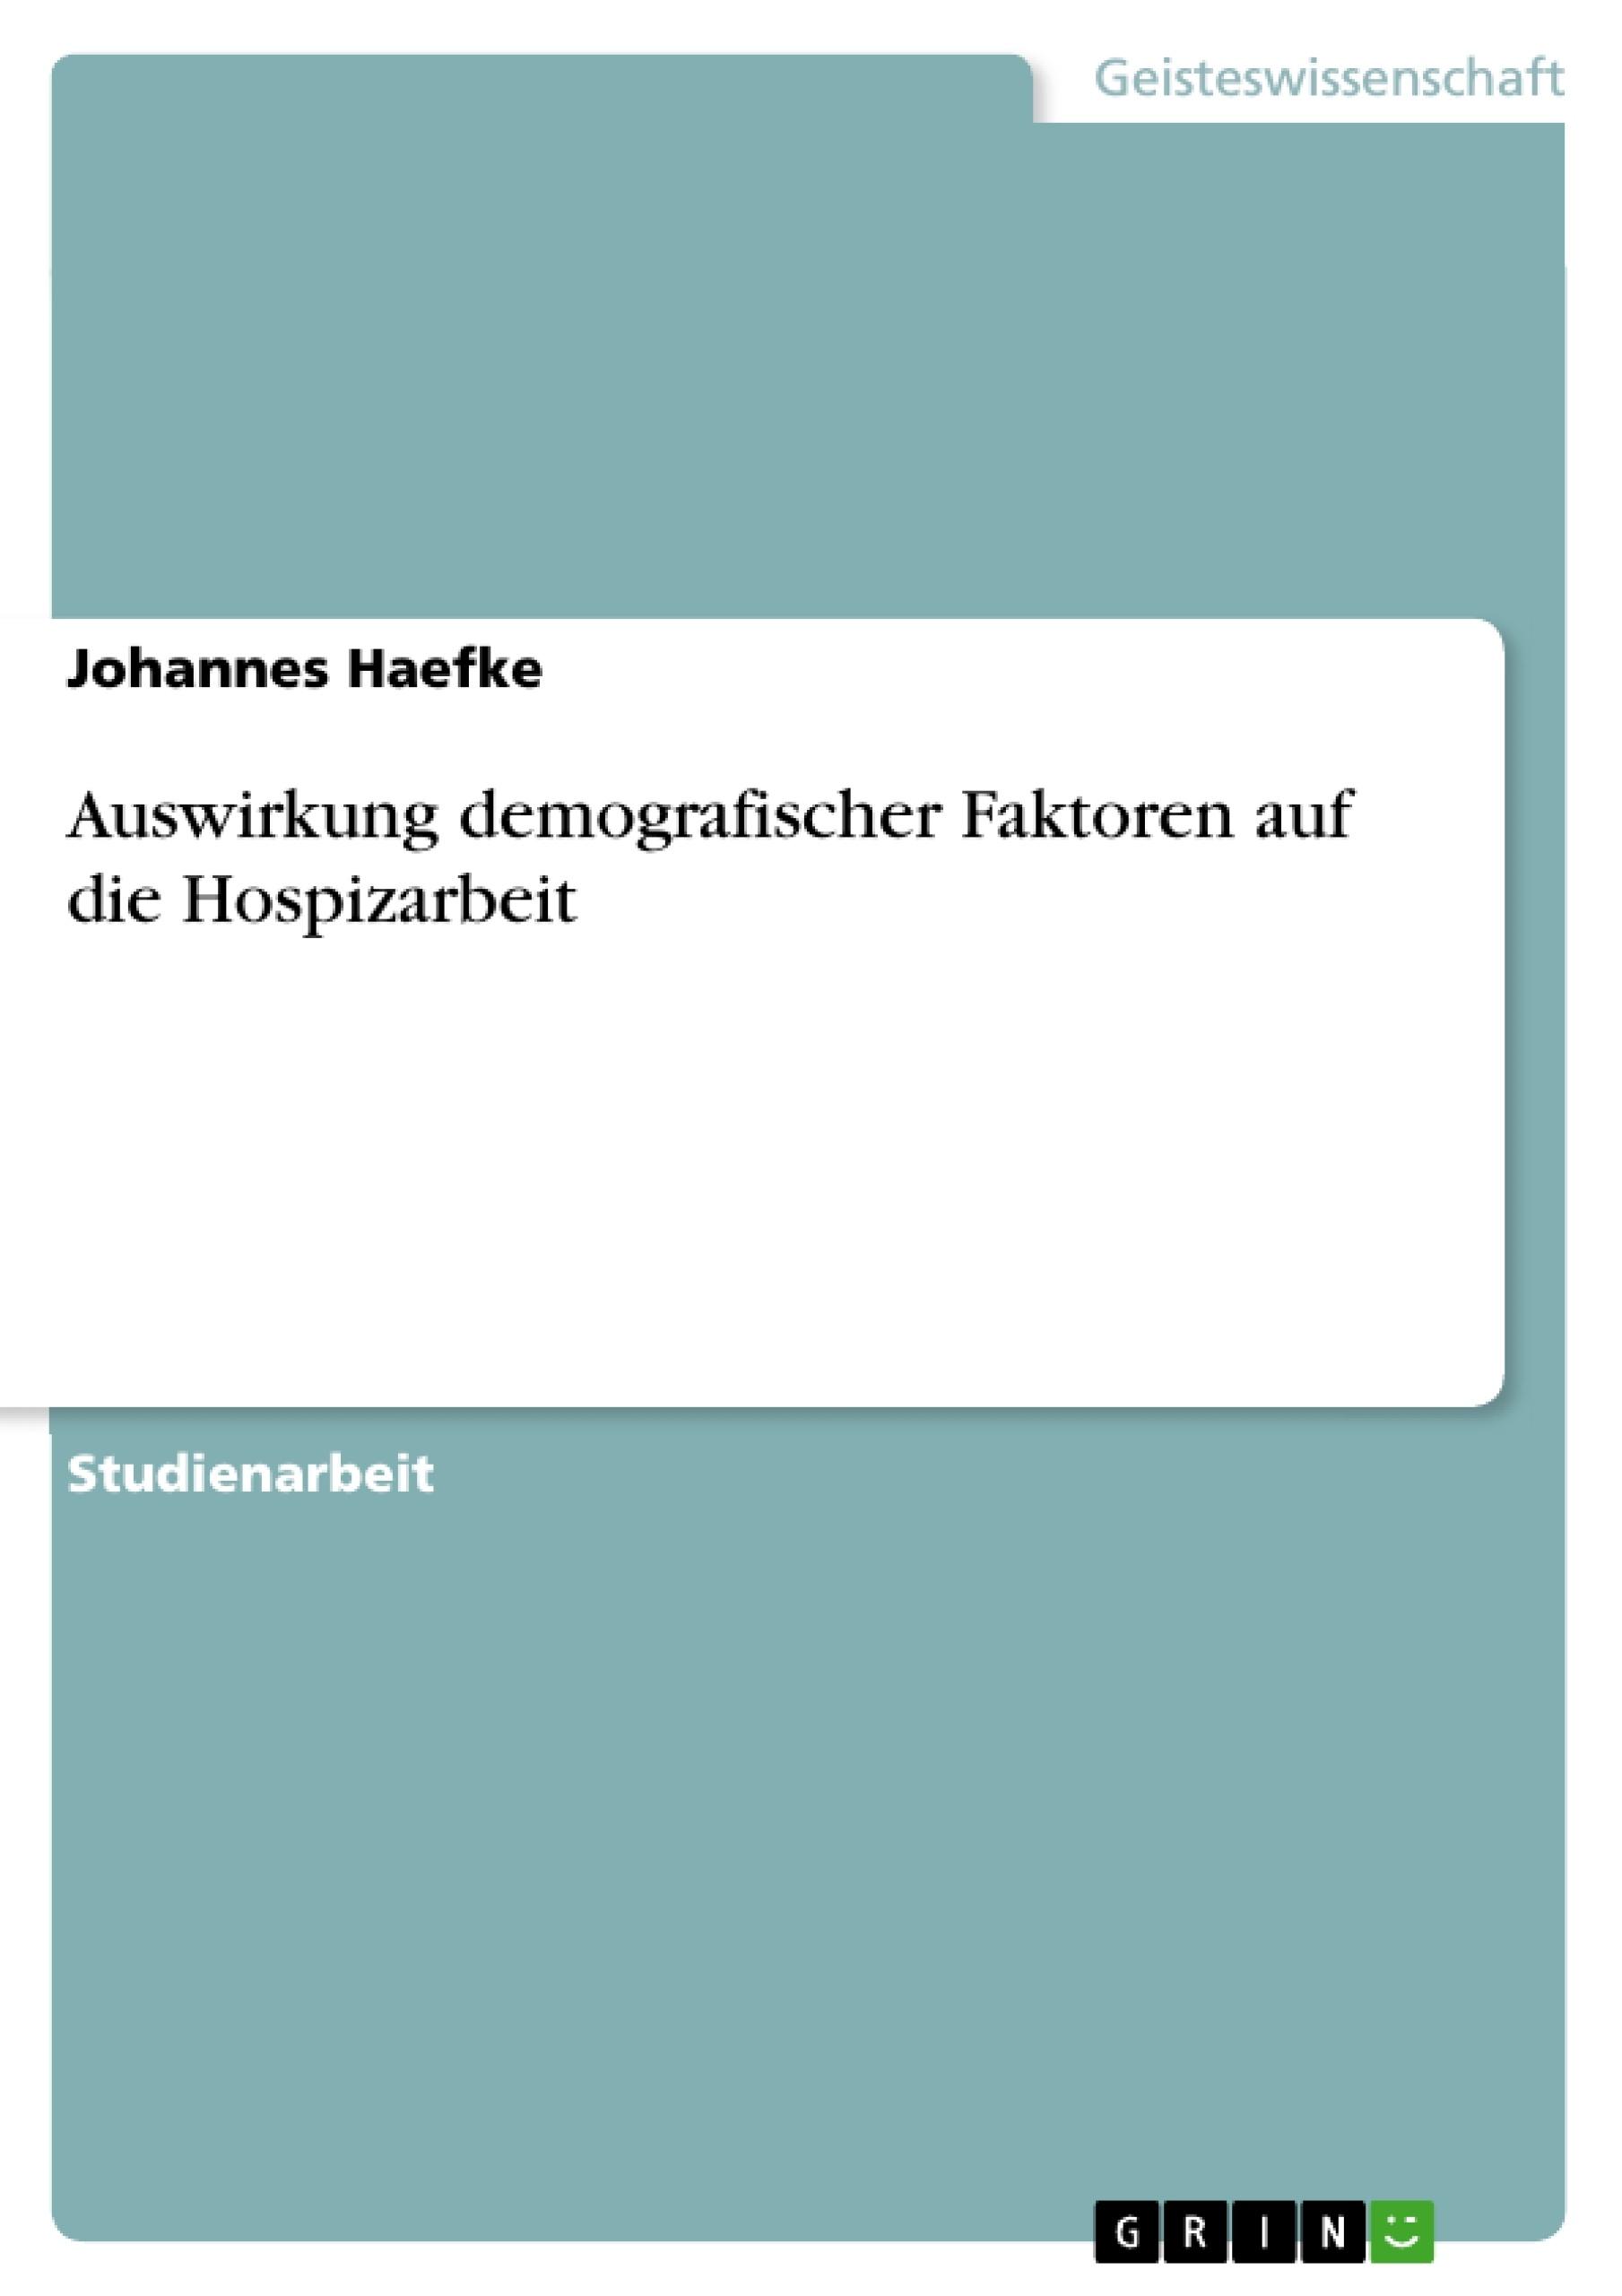 Titel: Auswirkung demografischer Faktoren auf die Hospizarbeit